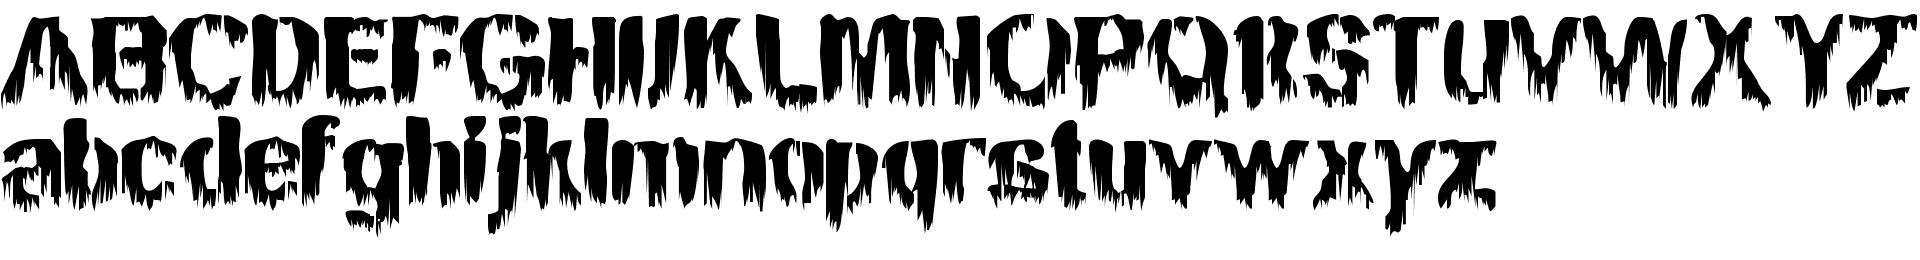 BN Manson Nights